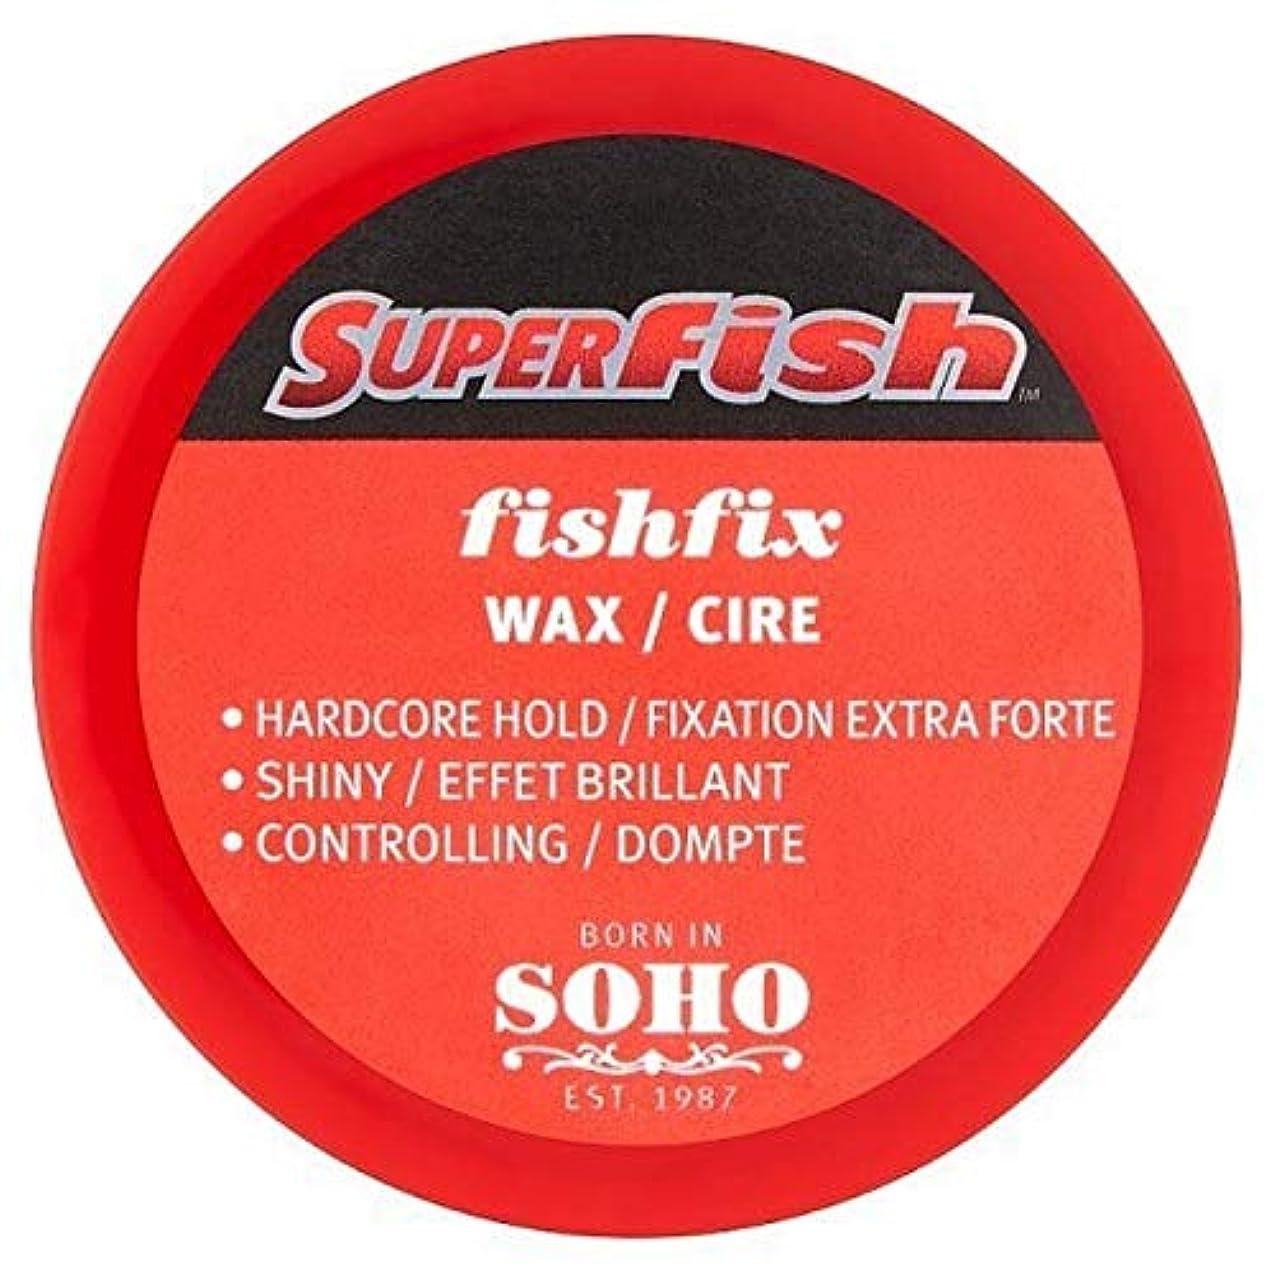 クリーナー典型的な同時[Fish Soho] ワックス100ミリリットルを制御Superfish Fishfix - Superfish Fishfix Controlling Wax 100ml [並行輸入品]